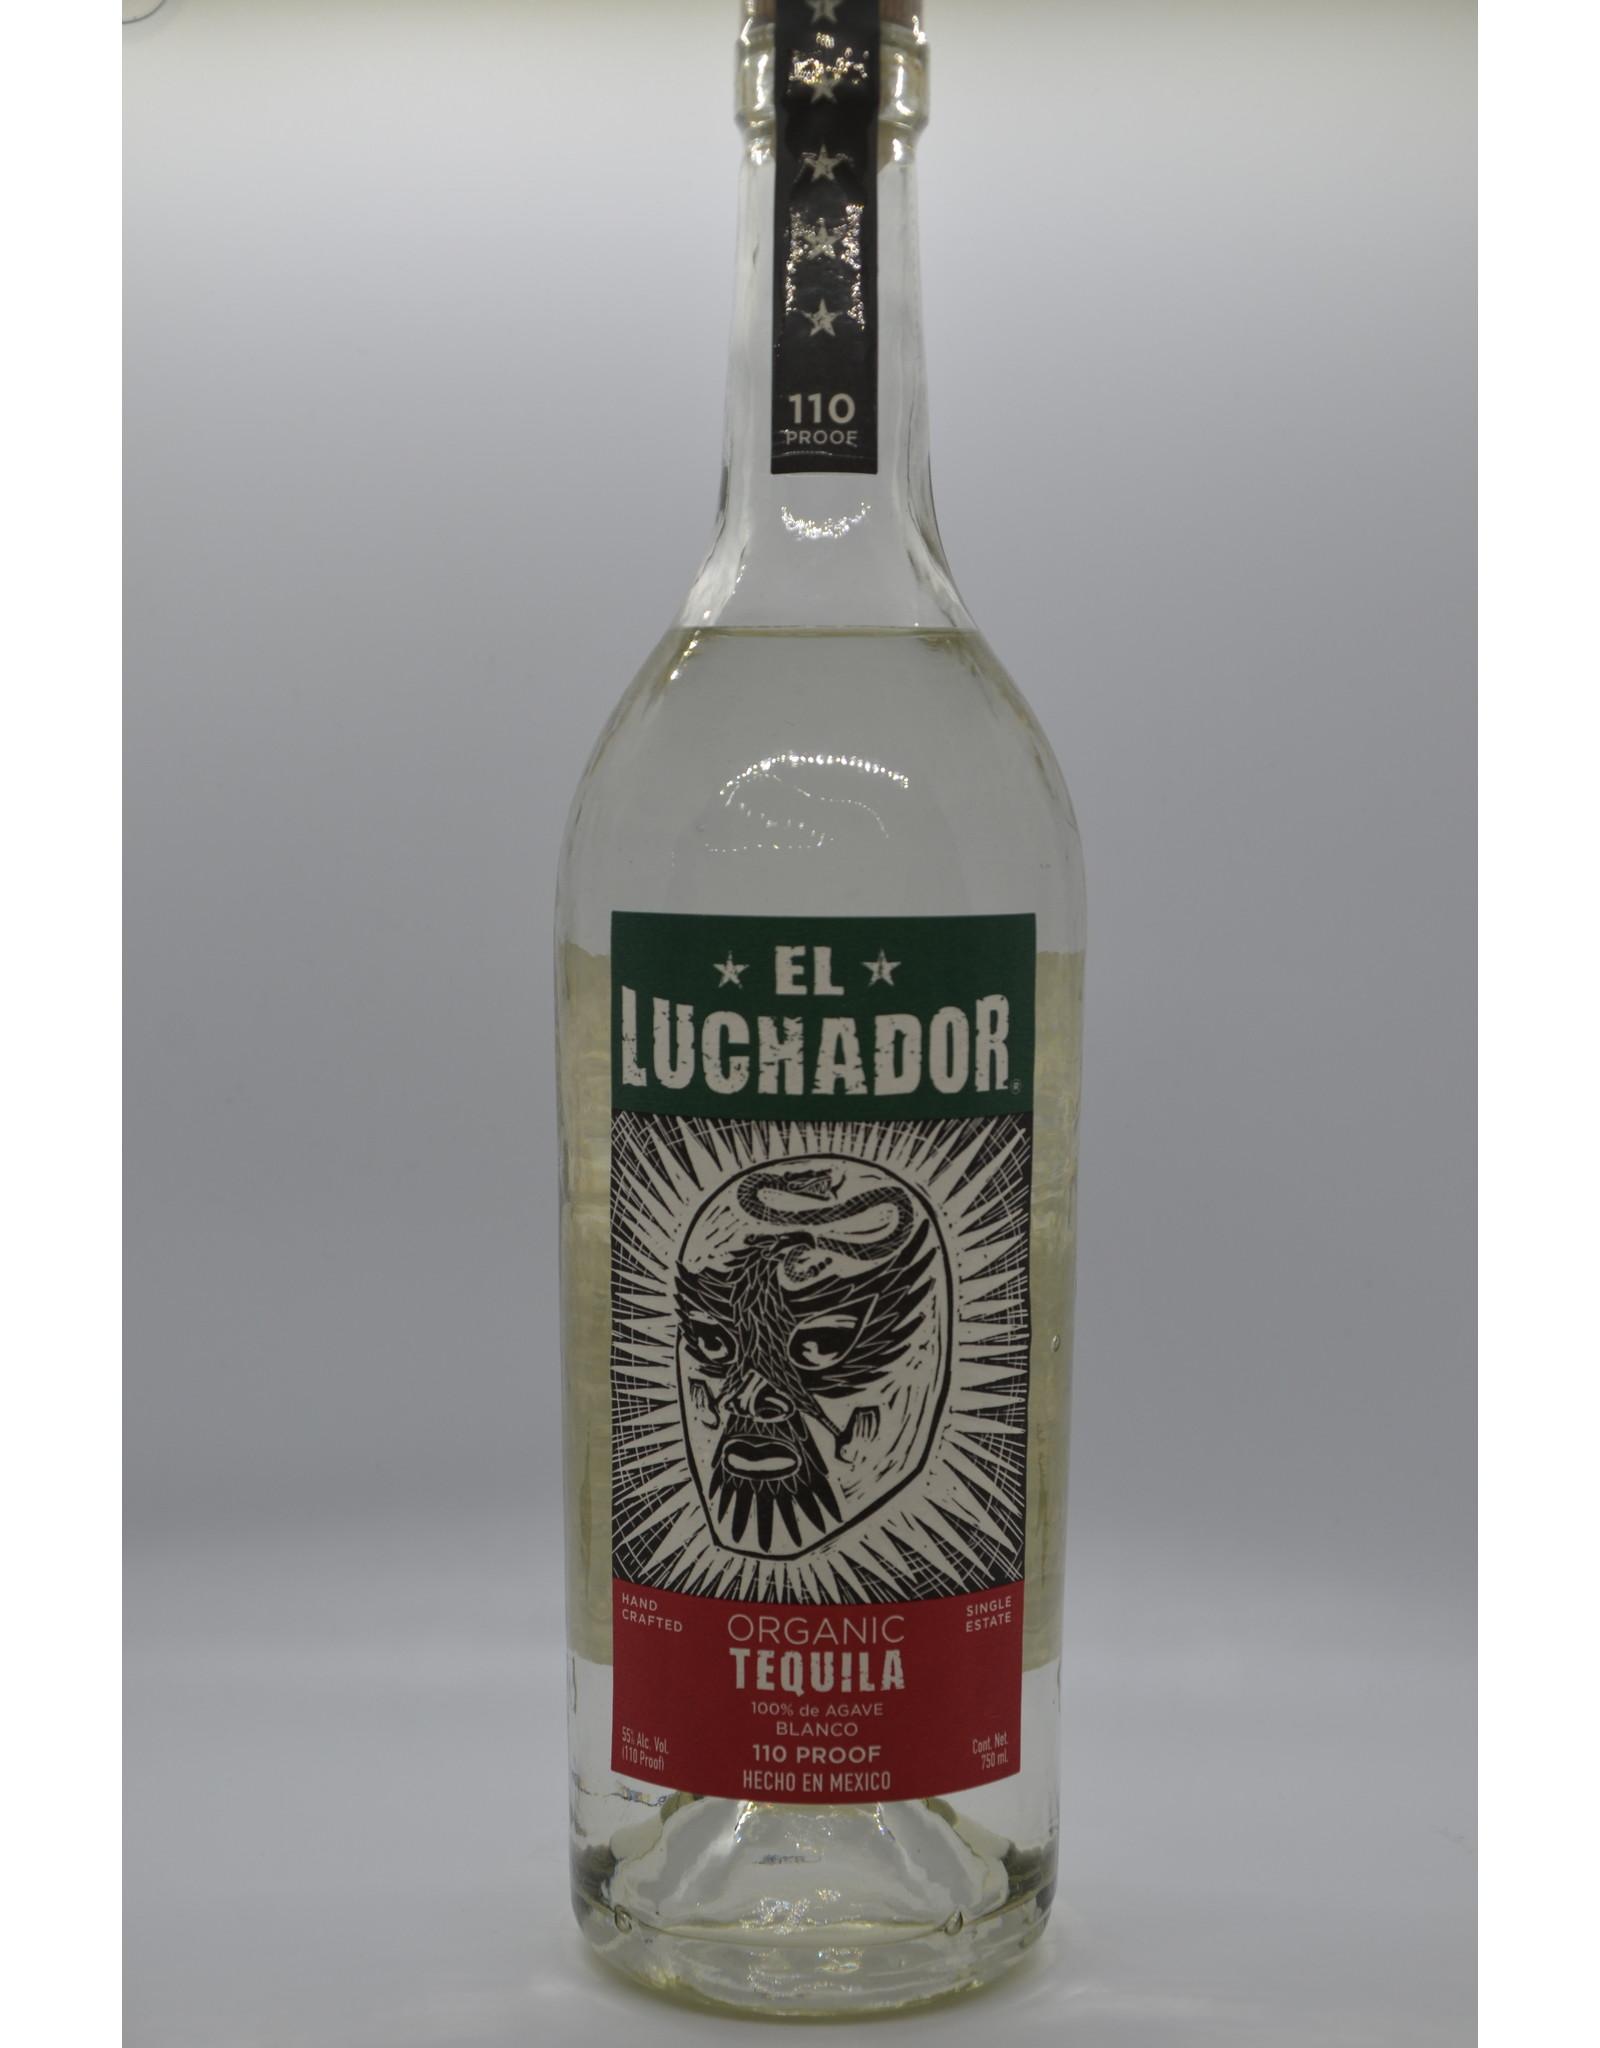 Mexico El Luchador Tequila Blanco